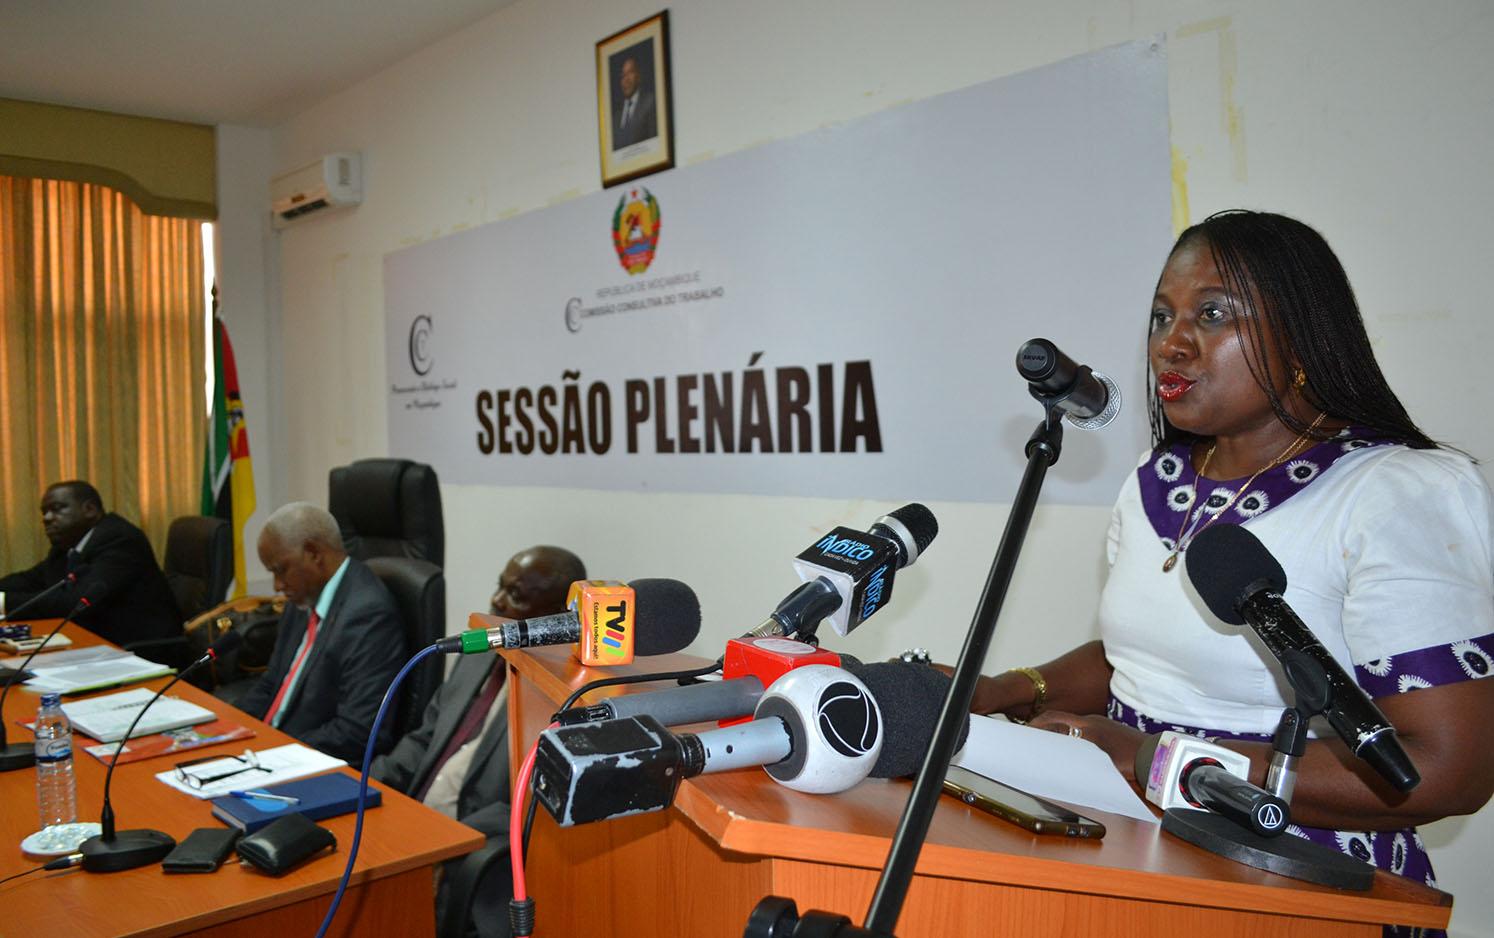 Vitória Diogo Ministra do Trabalho Emprego e Segurança Social discursando na Plenária